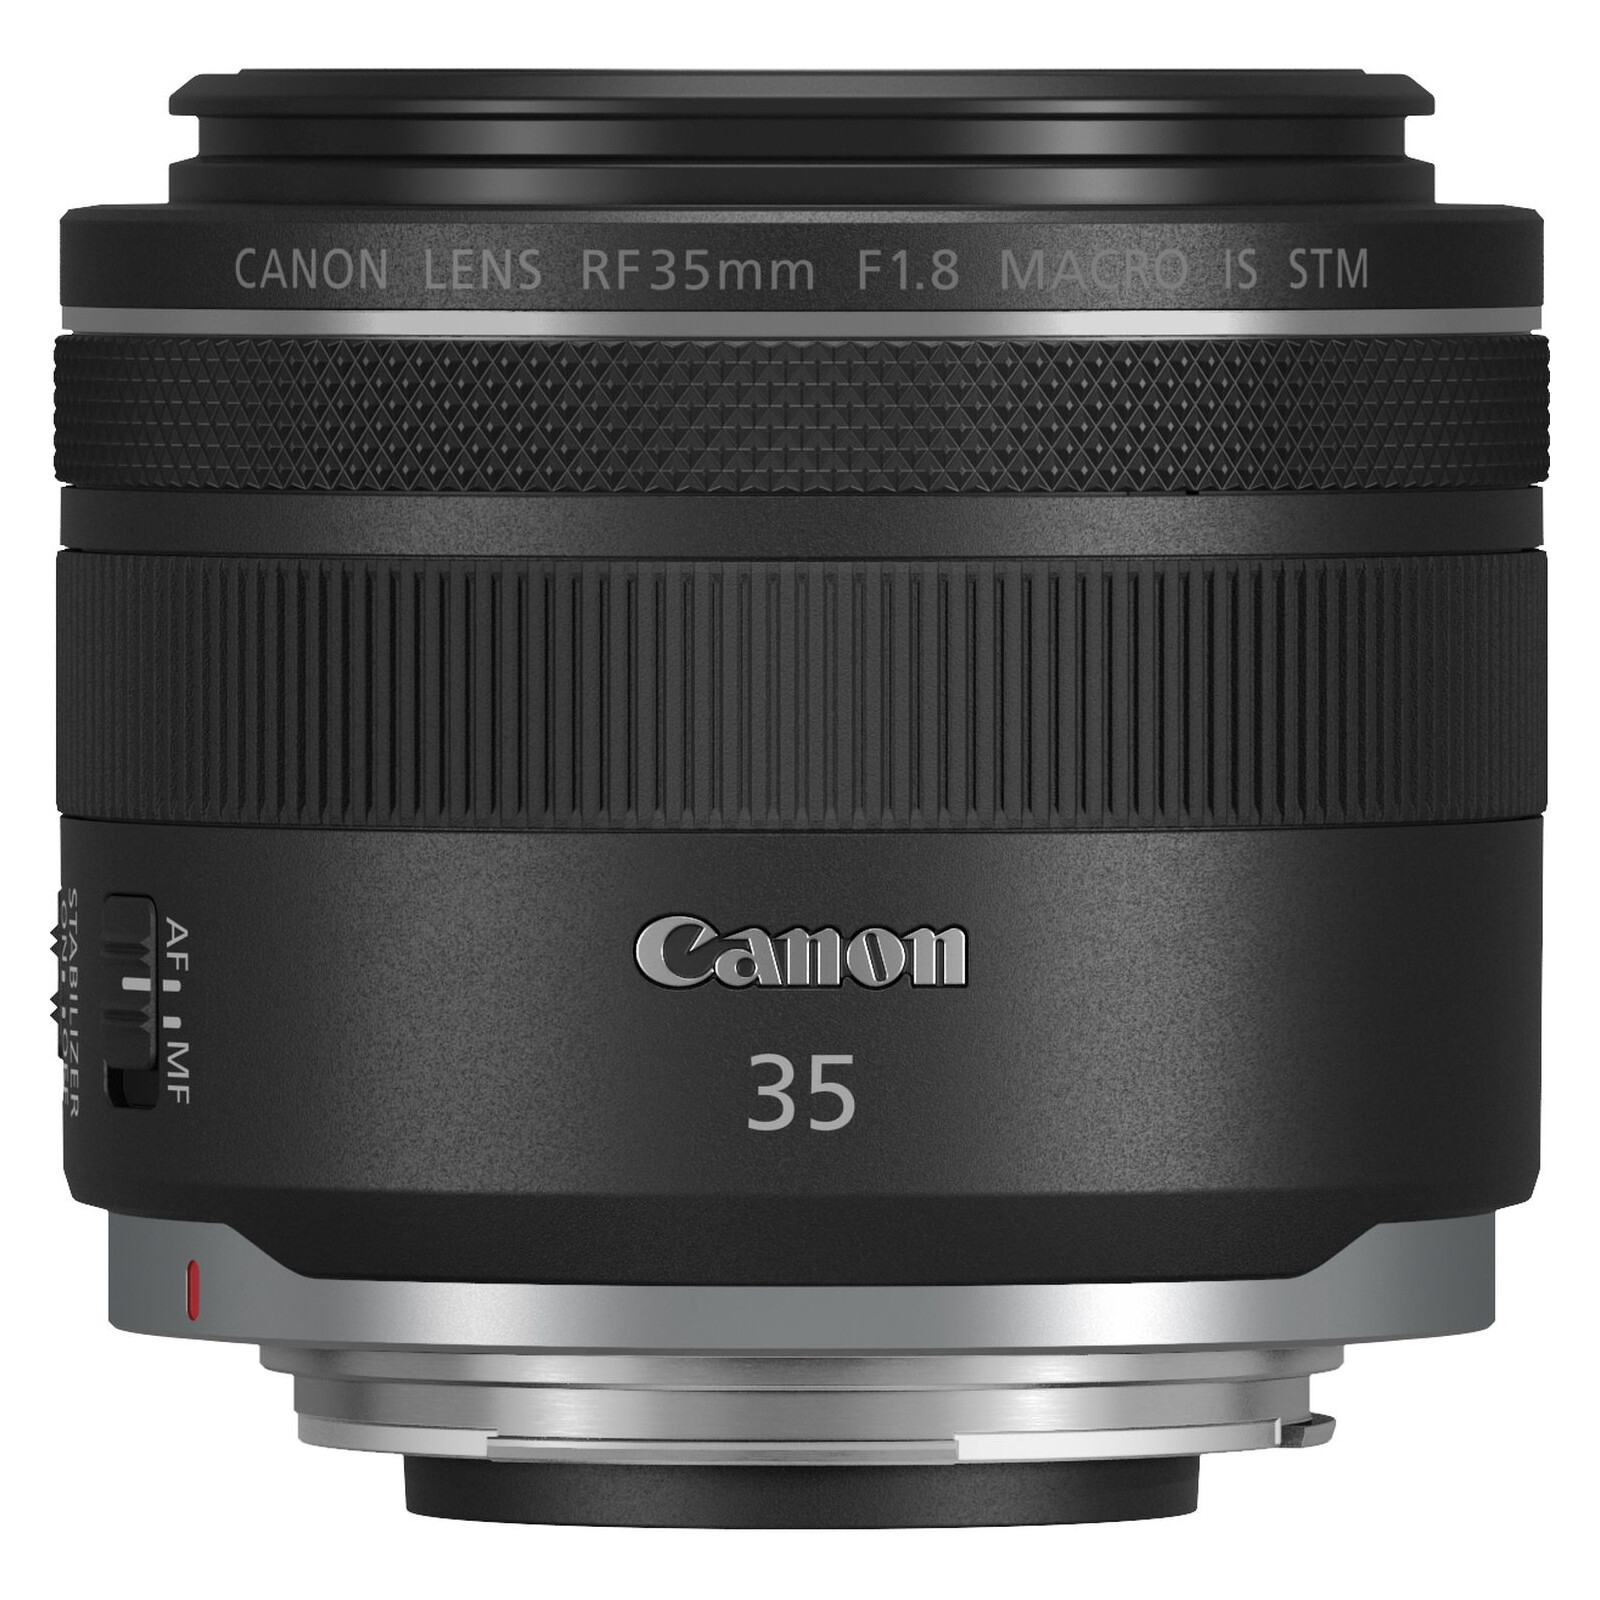 Canon RF 35/1.8 Makro IS STM -50,- Sofortrabatt